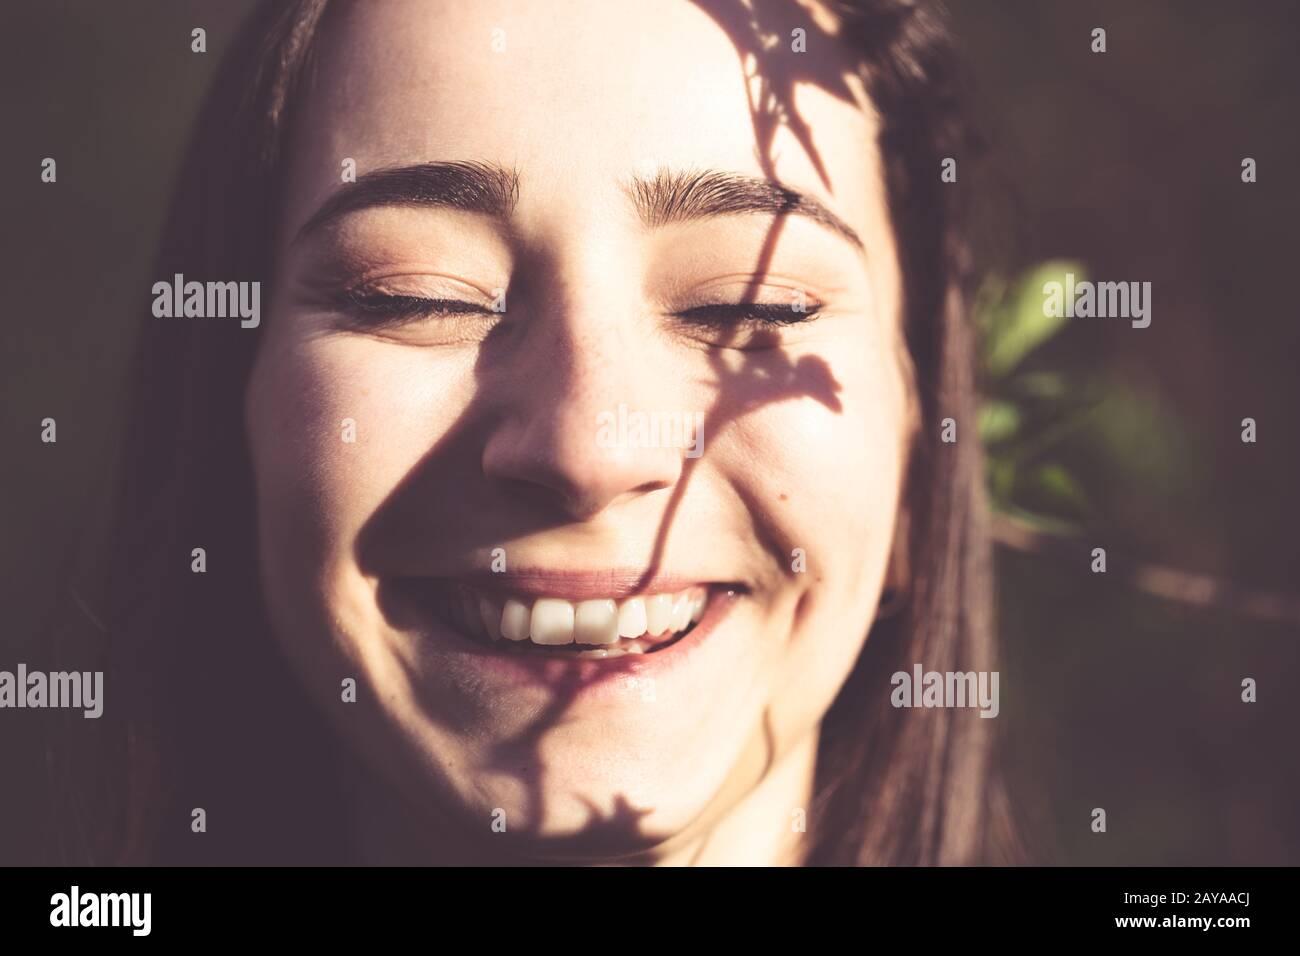 Junge Frau im Wald im Nahaufnahme Gesicht Porträt Stockfoto